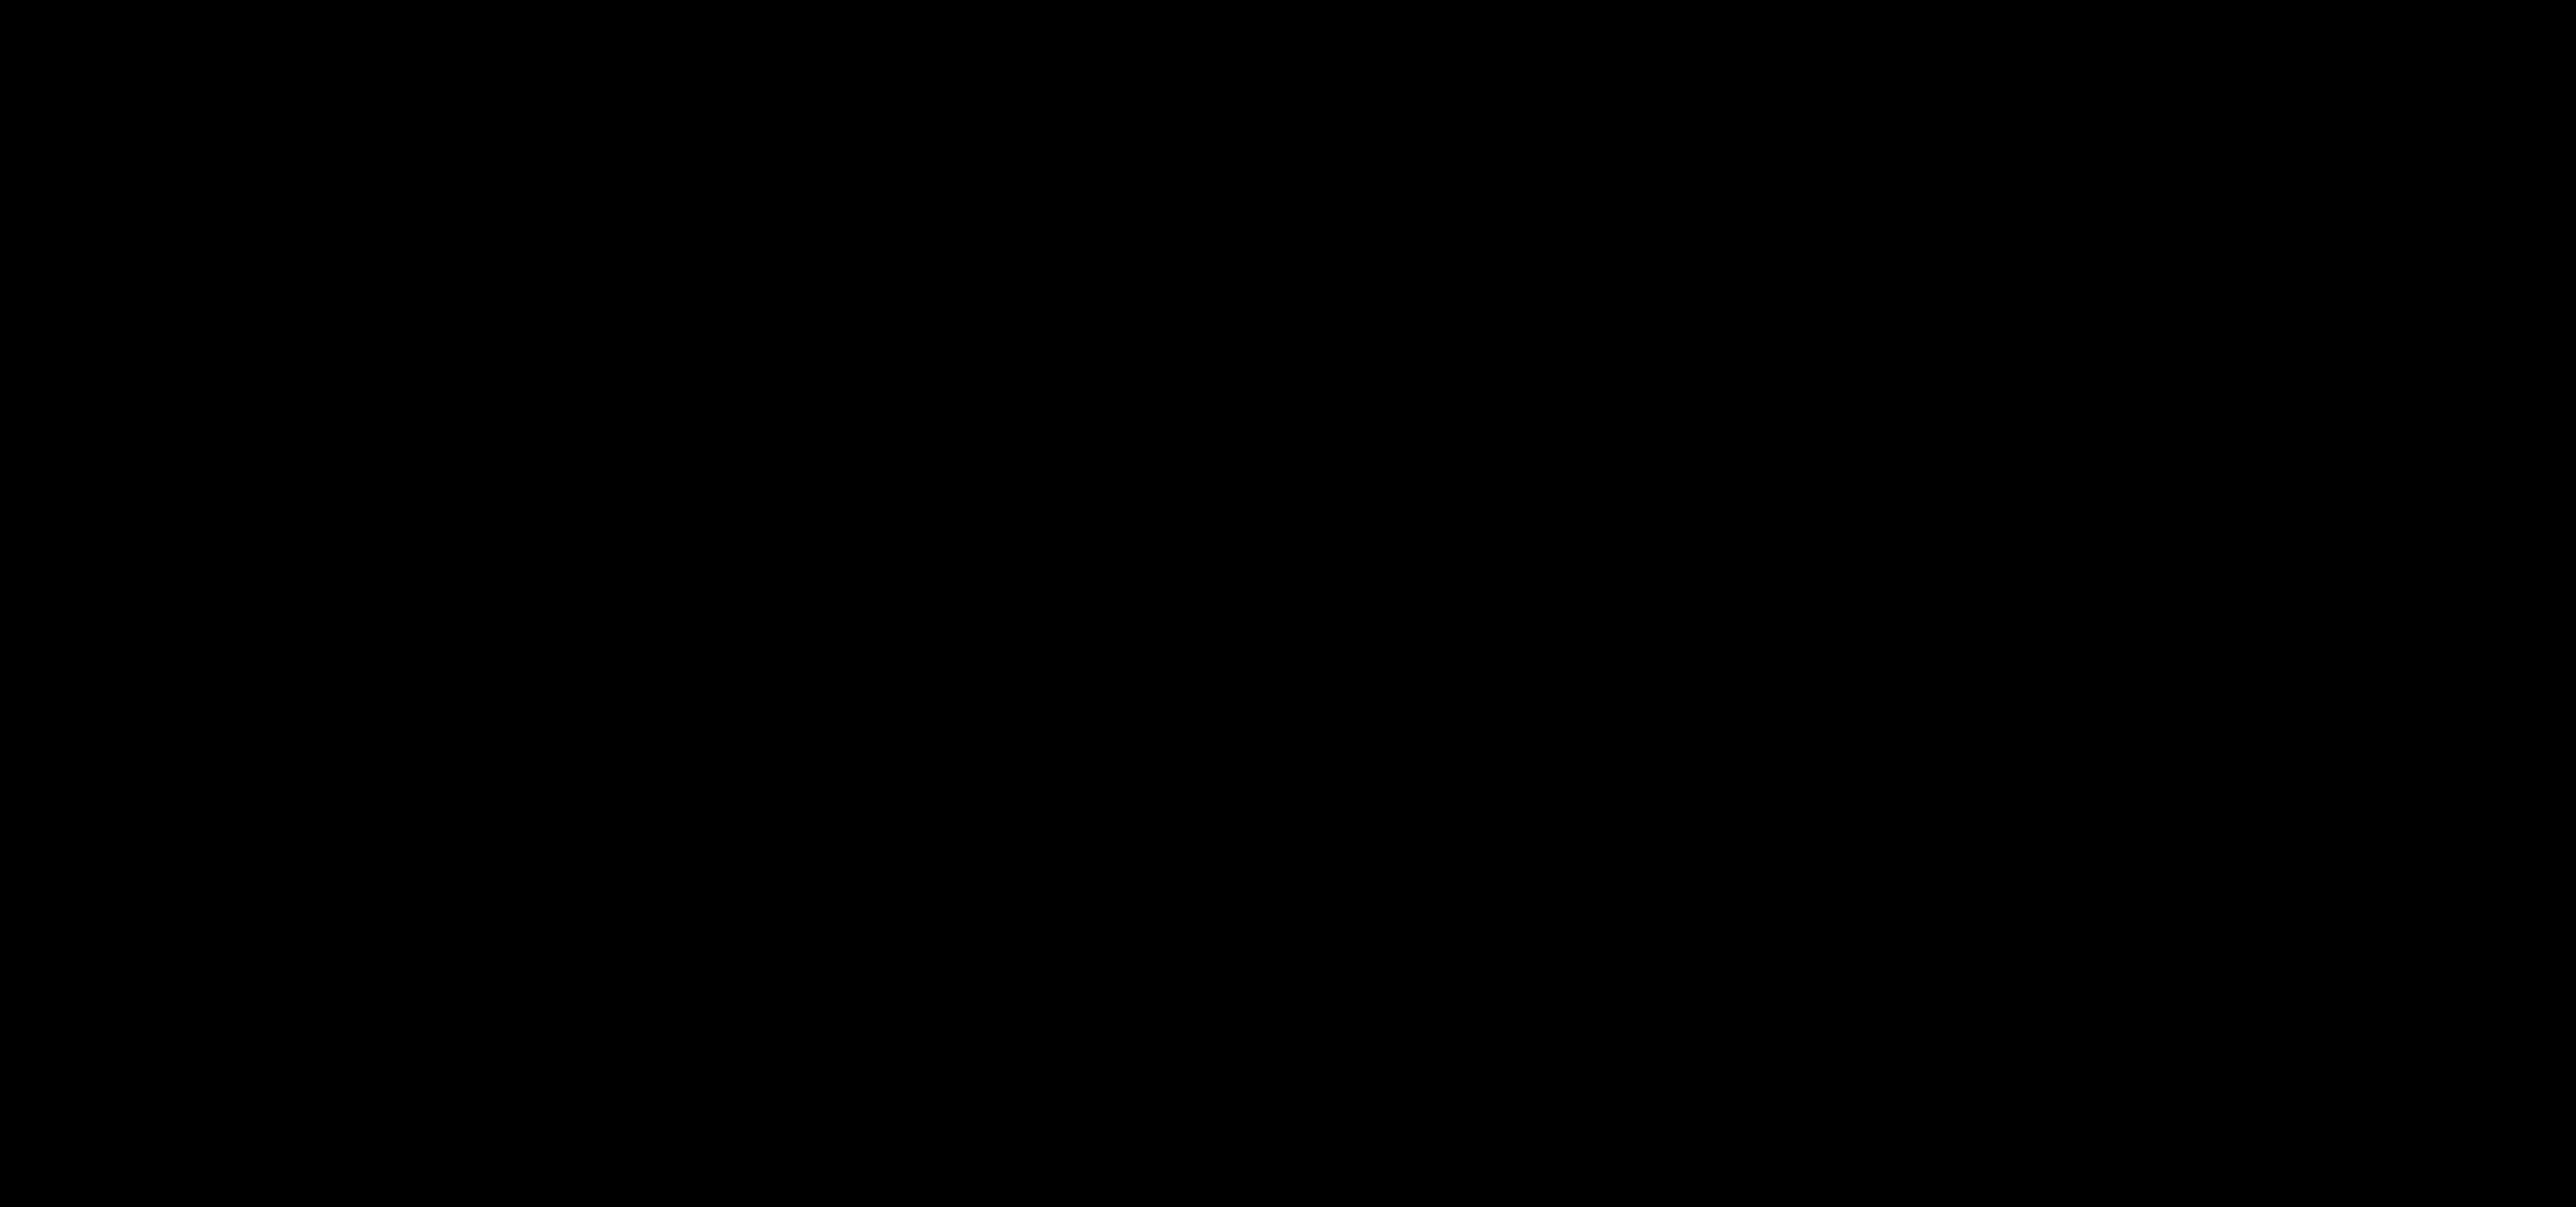 GABON CELEBRITES